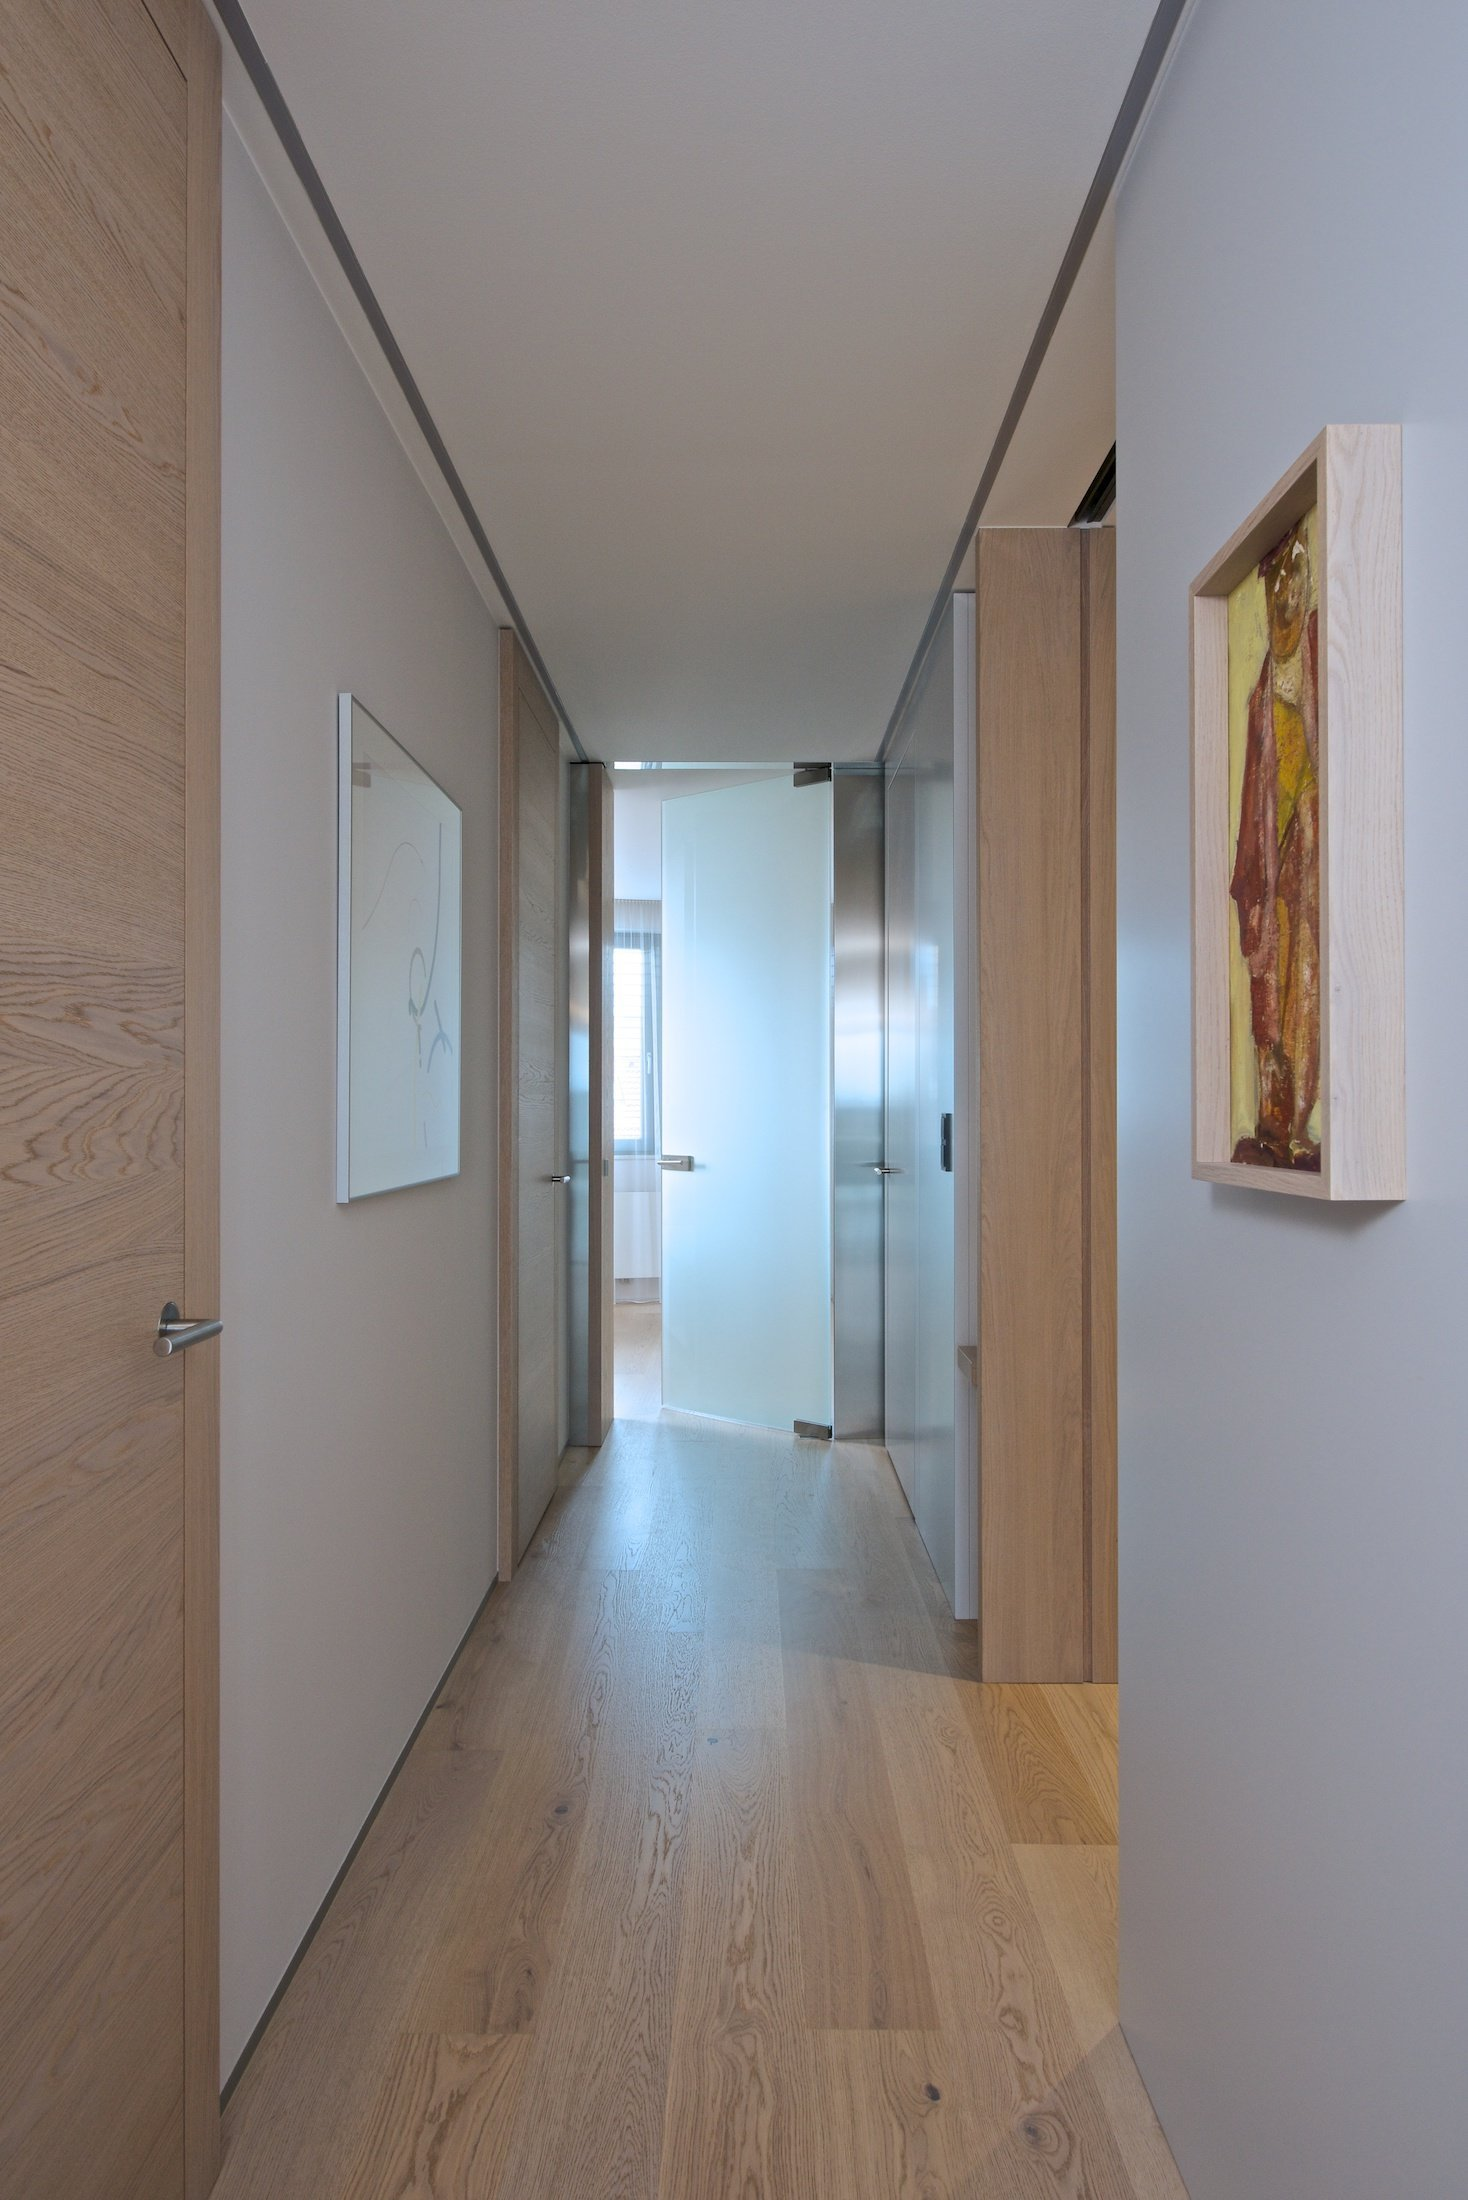 Kultivovaný, harmonický a velmi příjemný pár se rozhodl pořídit si bydlení vjednom zhorních pater nově vznikajícího komplexu. Líbilo se jim místo i…